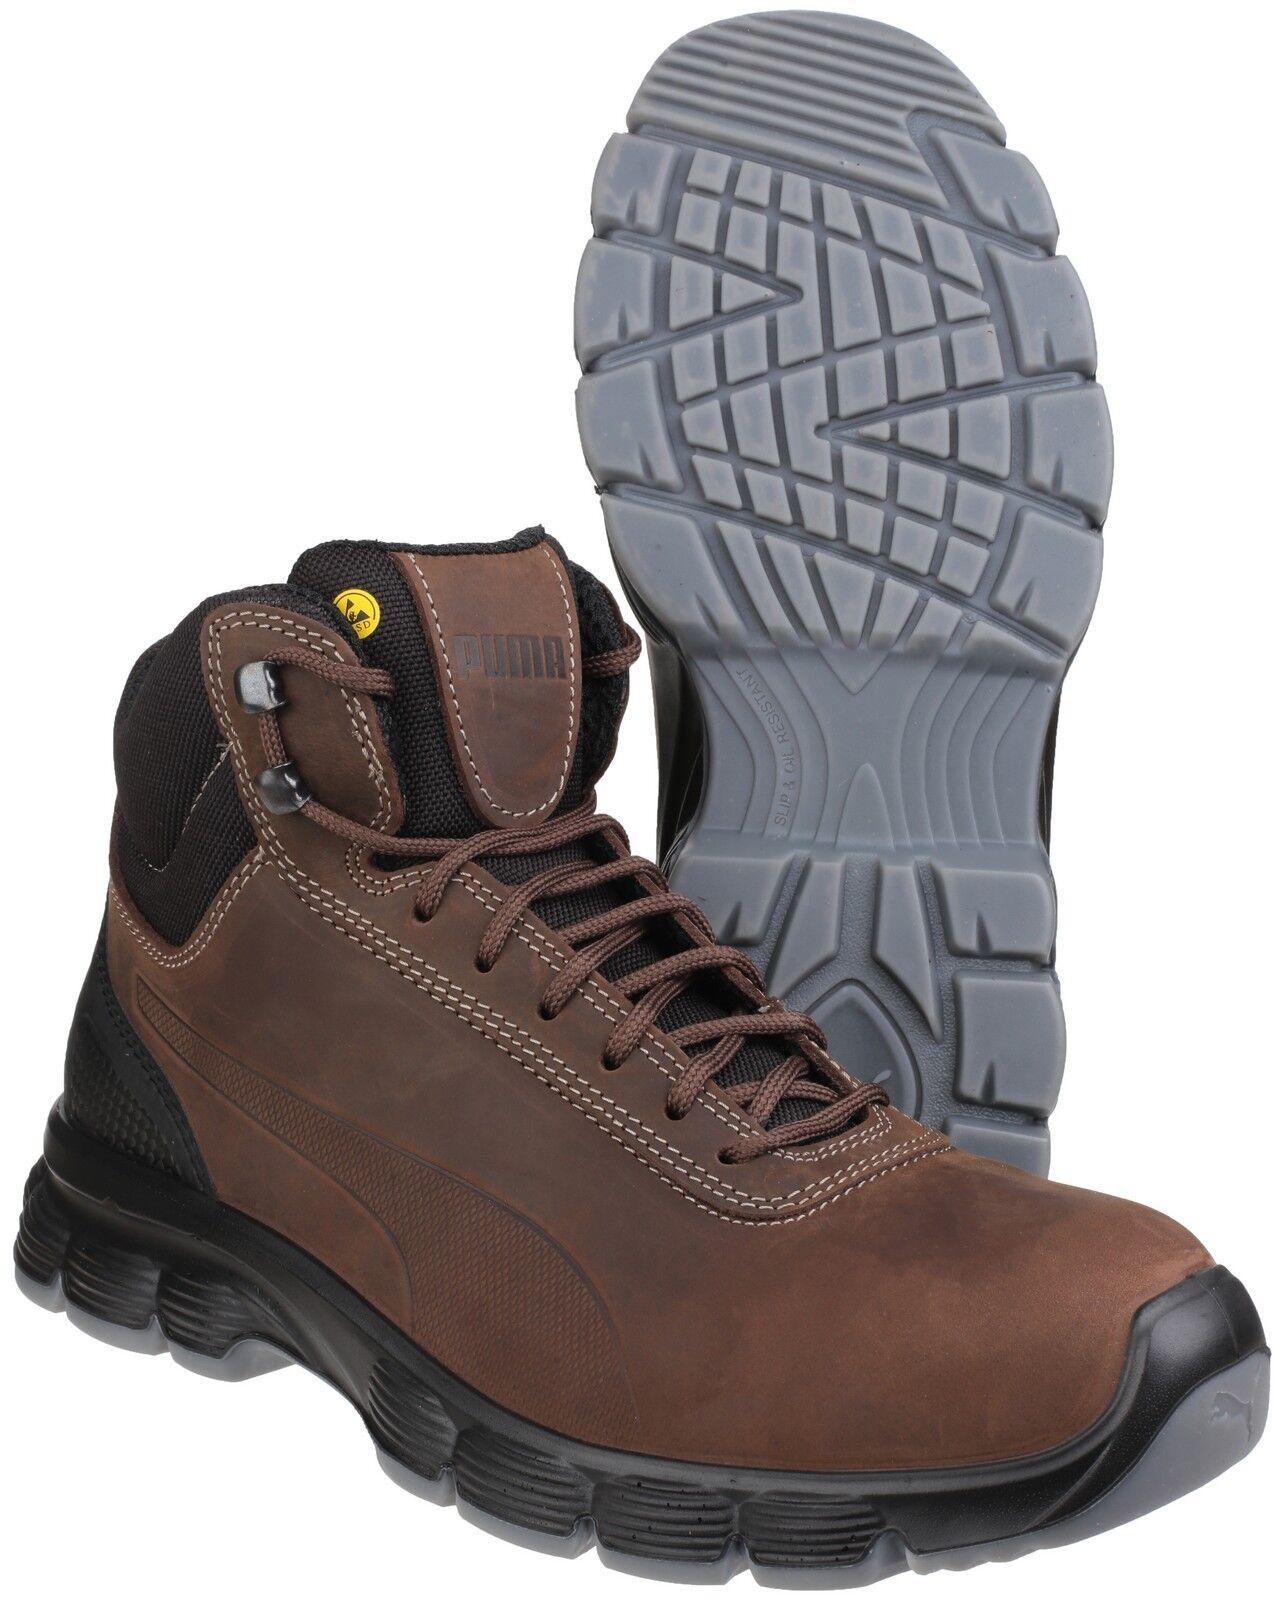 Detalles de Puma Condor mediados De Seguridad Resistente Al Agua Zapatos Botas Para Hombre Trabajo Industrial UK6 12 ver título original